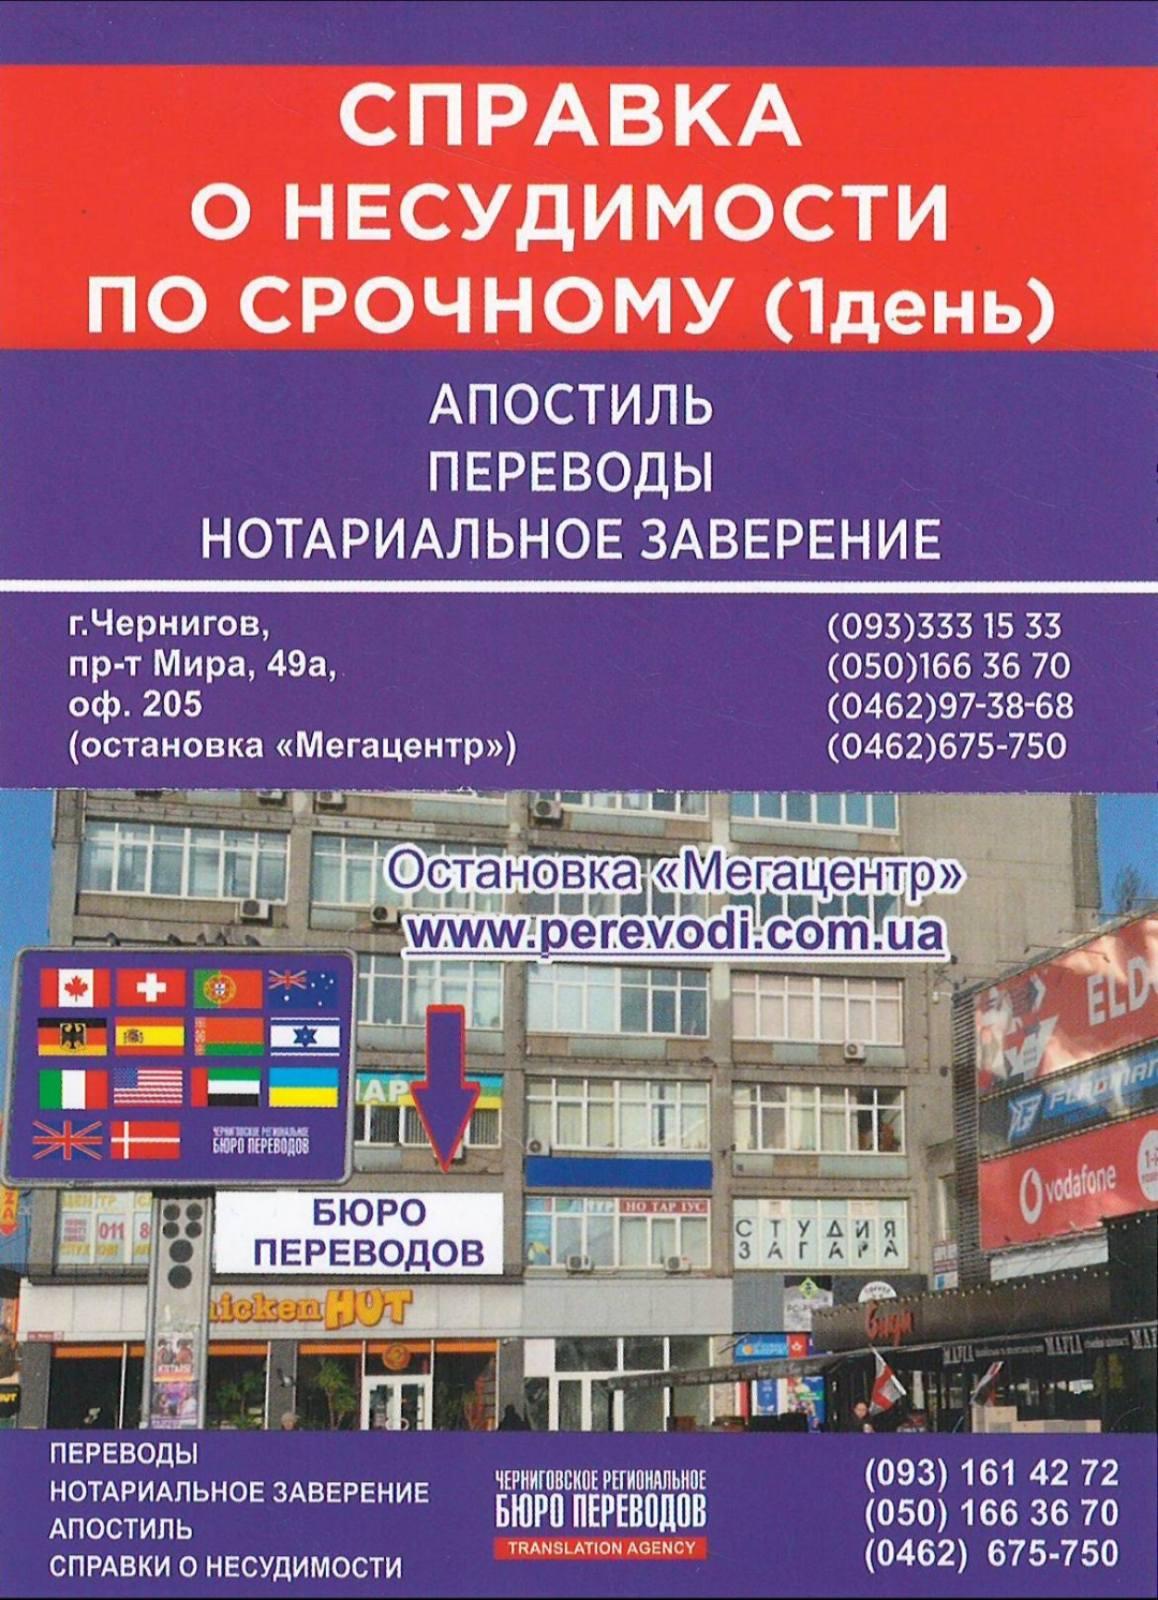 заказать справку о несудимости в городе Чернигов